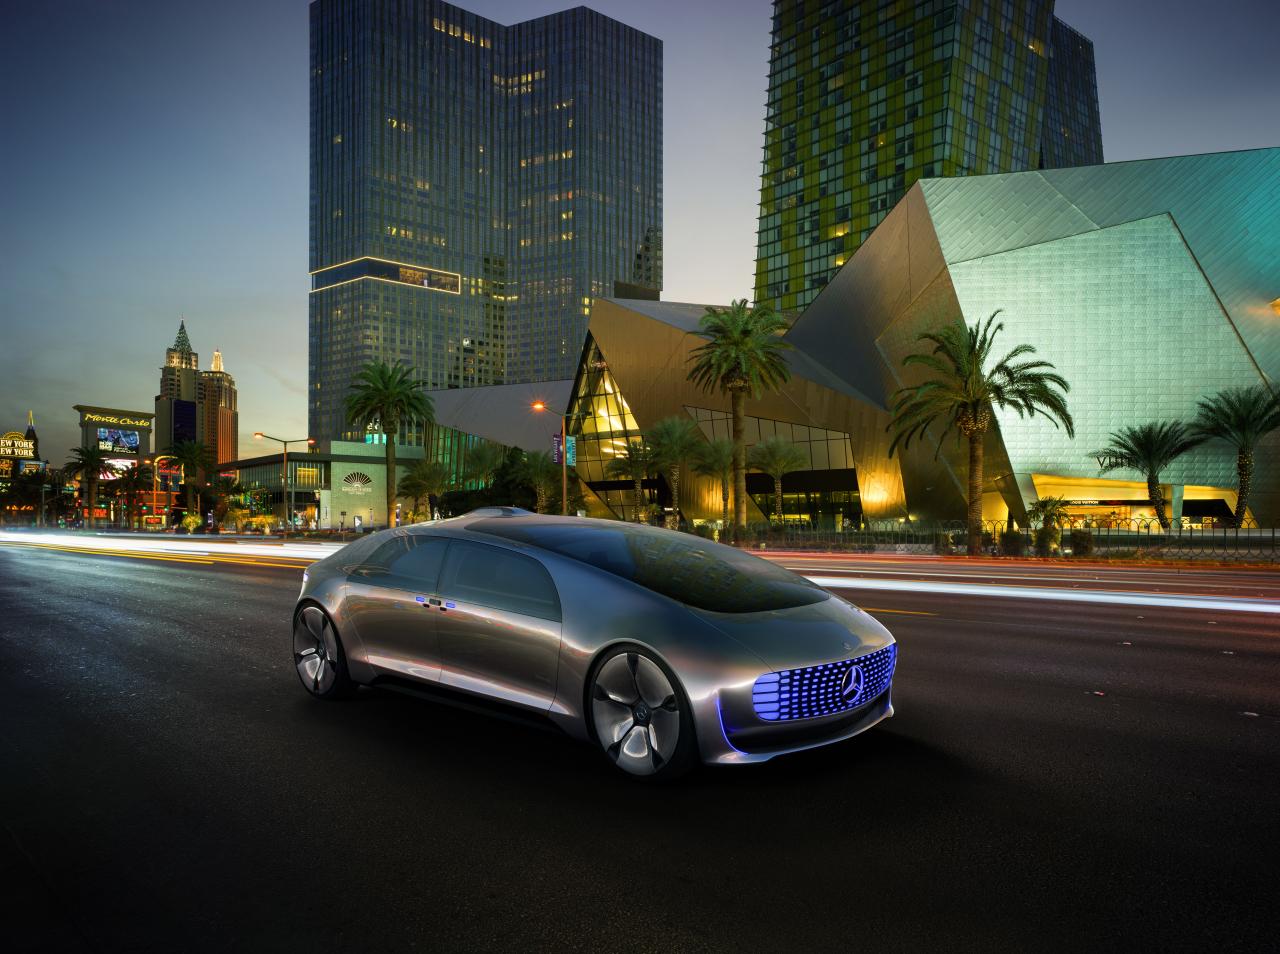 Mercedes- Benz's autonomous vehicle design F015 (Daimler AG)